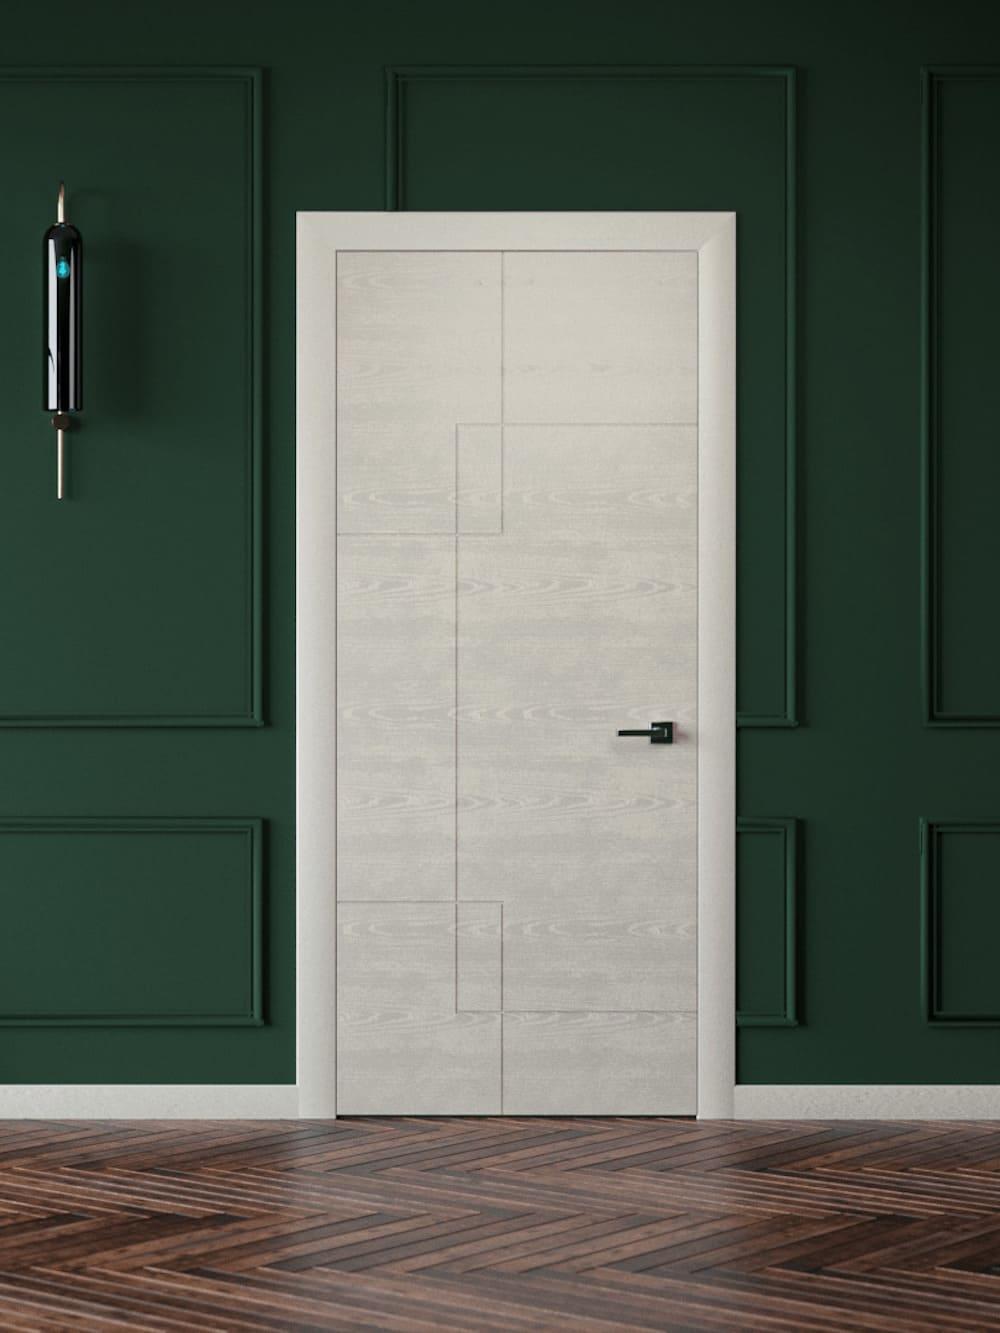 portes intérieures photo 2